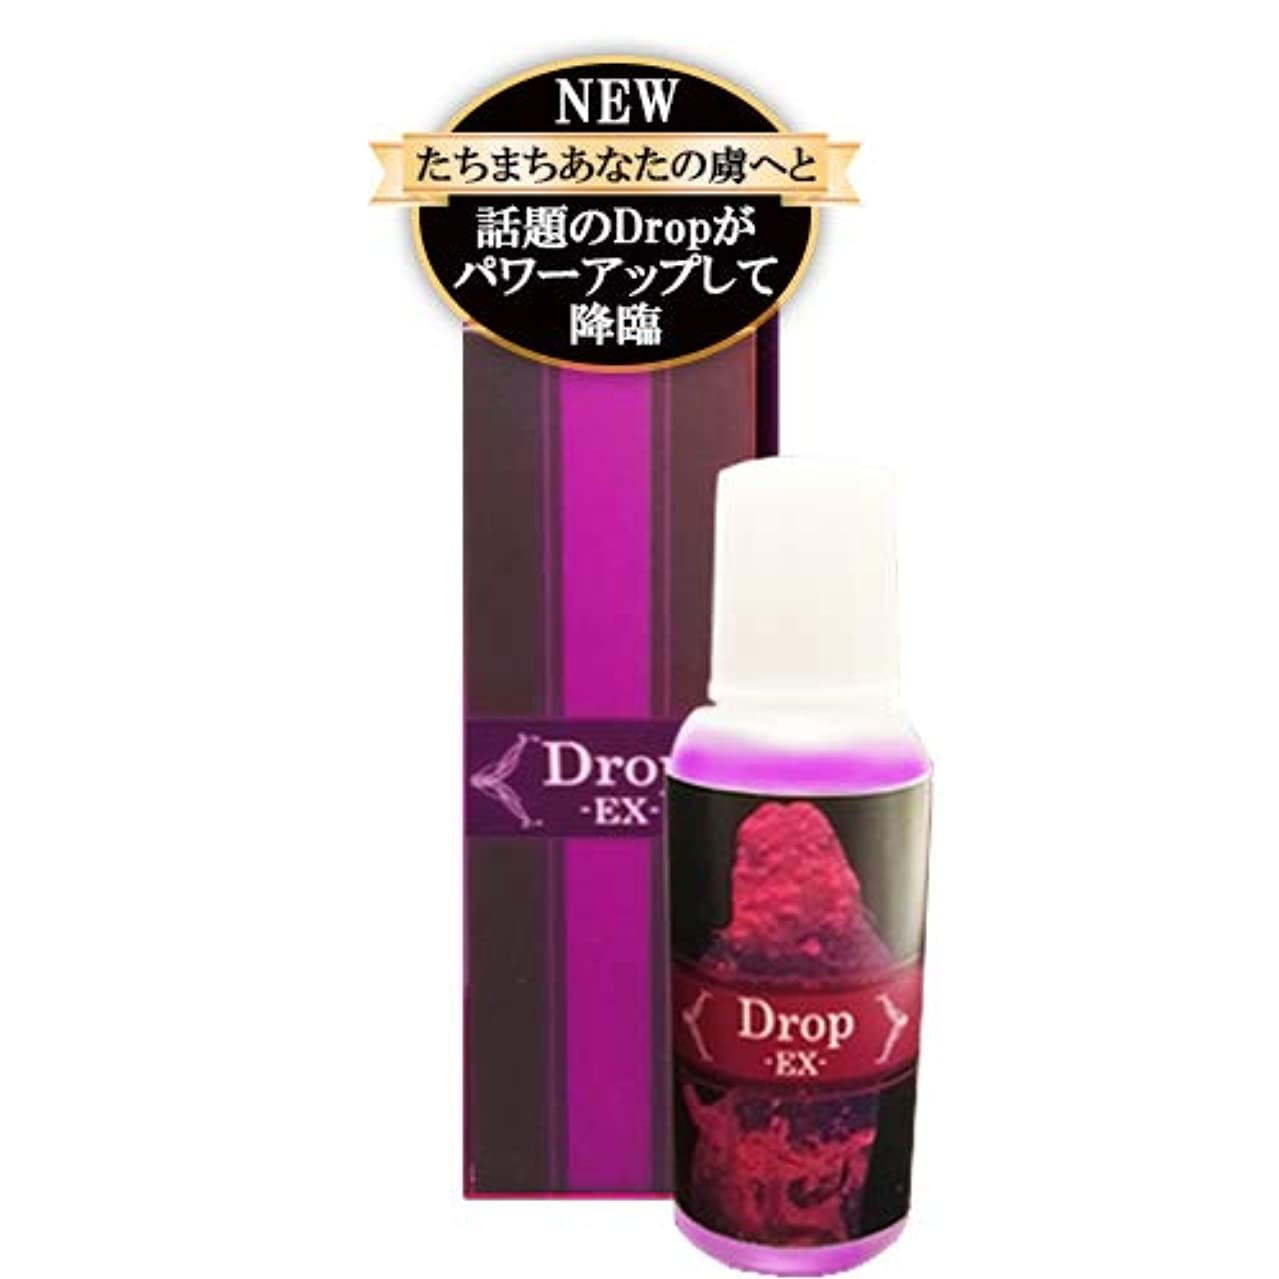 六高めるレビューDrop EX 女性用 マカ ガラナ ドロップ Drop EX 馬プラセンタ ドロップ 媚水 高品質 (3)